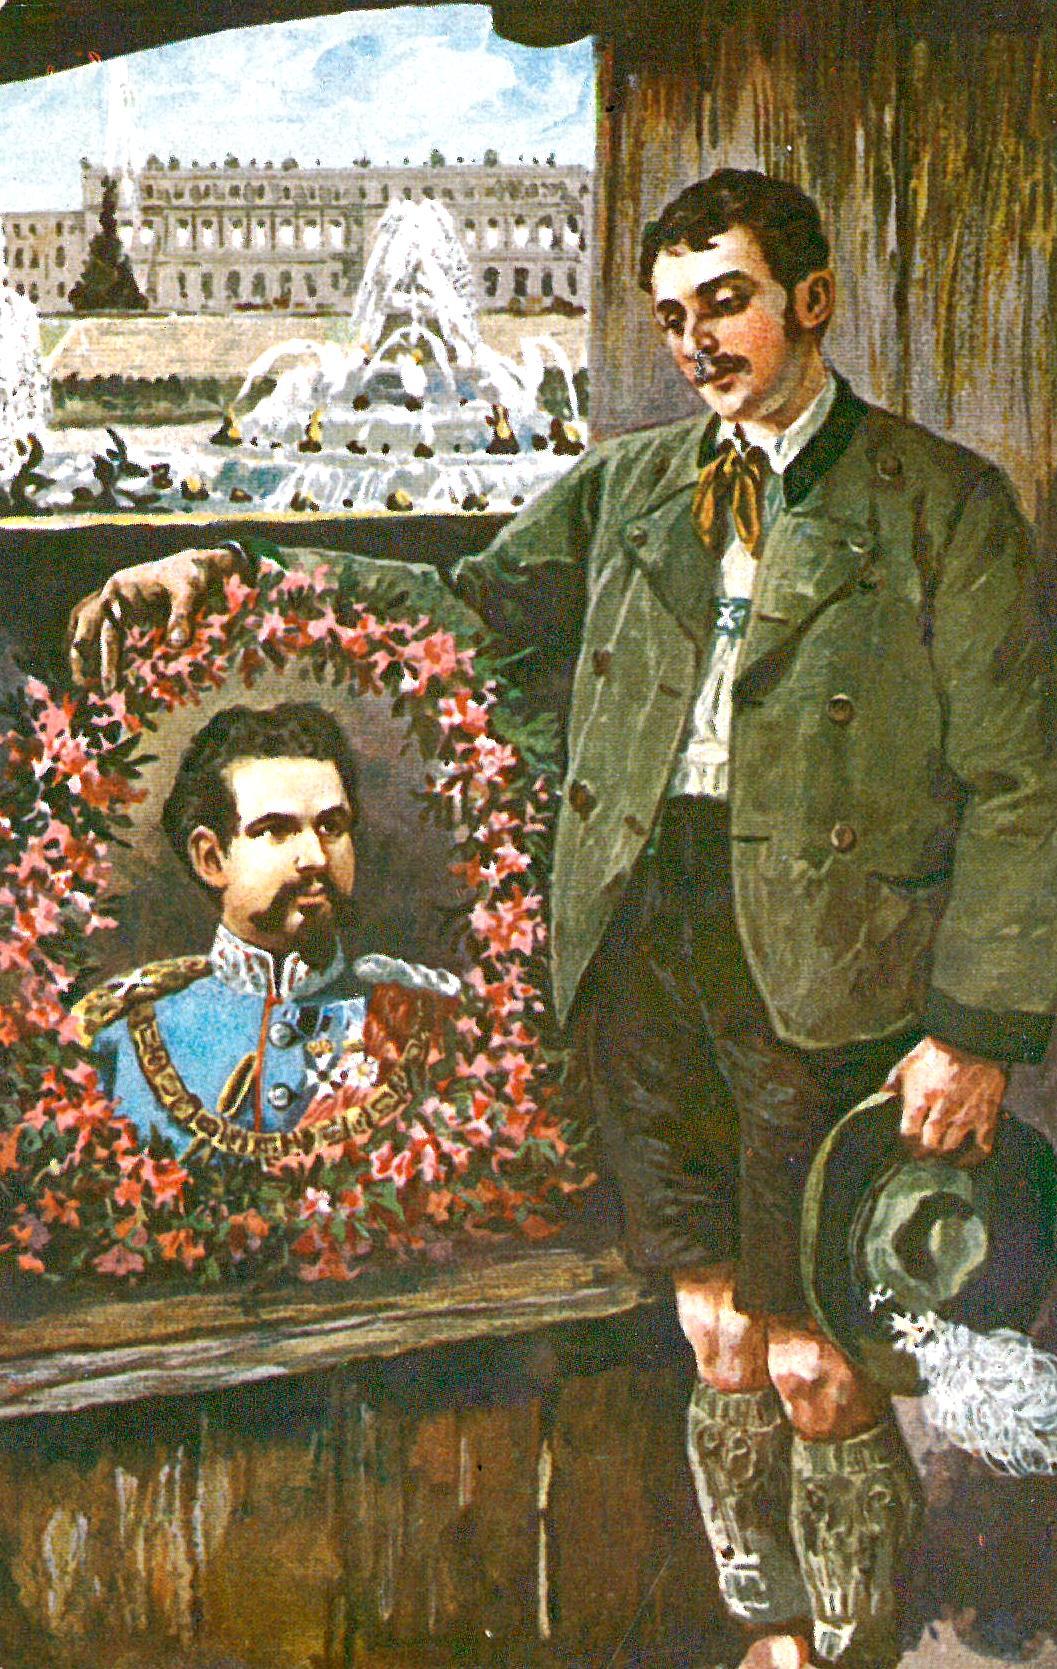 Postkarte von König Ludwig II. und dem Schloss Herrenchiemsee